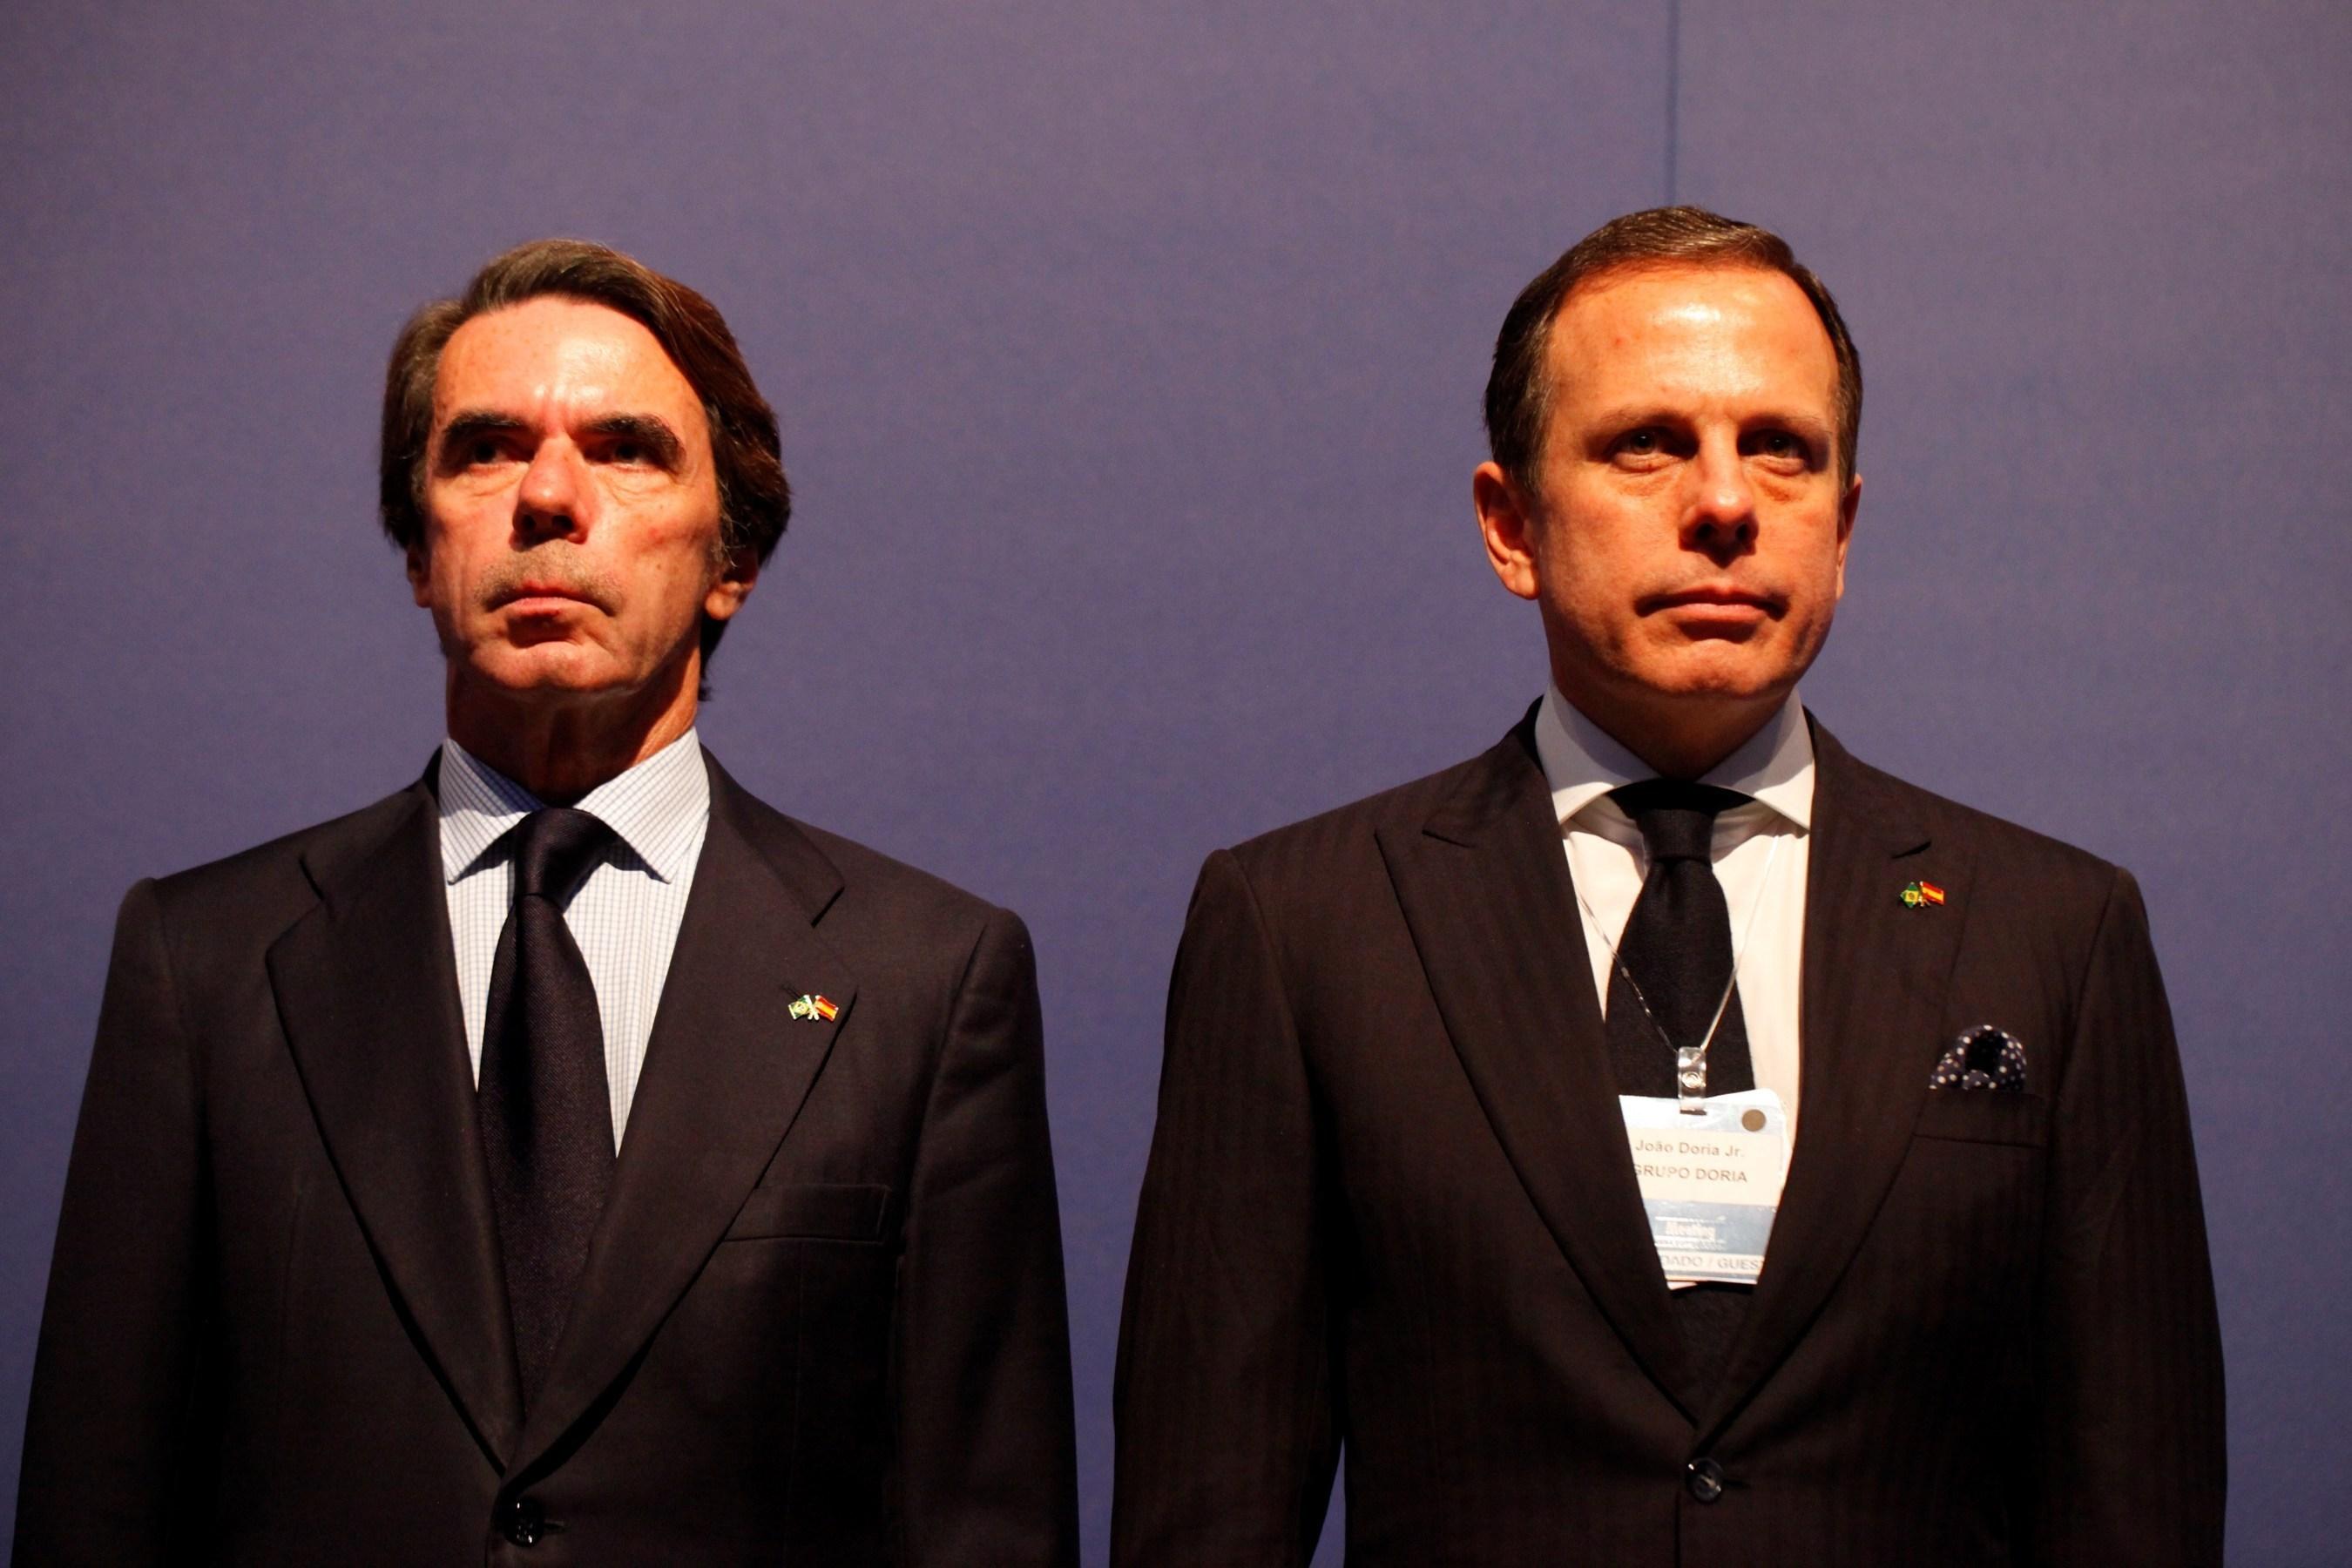 Neue Mittelklasse ist das Rückgrat der Gesellschaft, so ehemaliger spanischer Präsident auf dem 19.